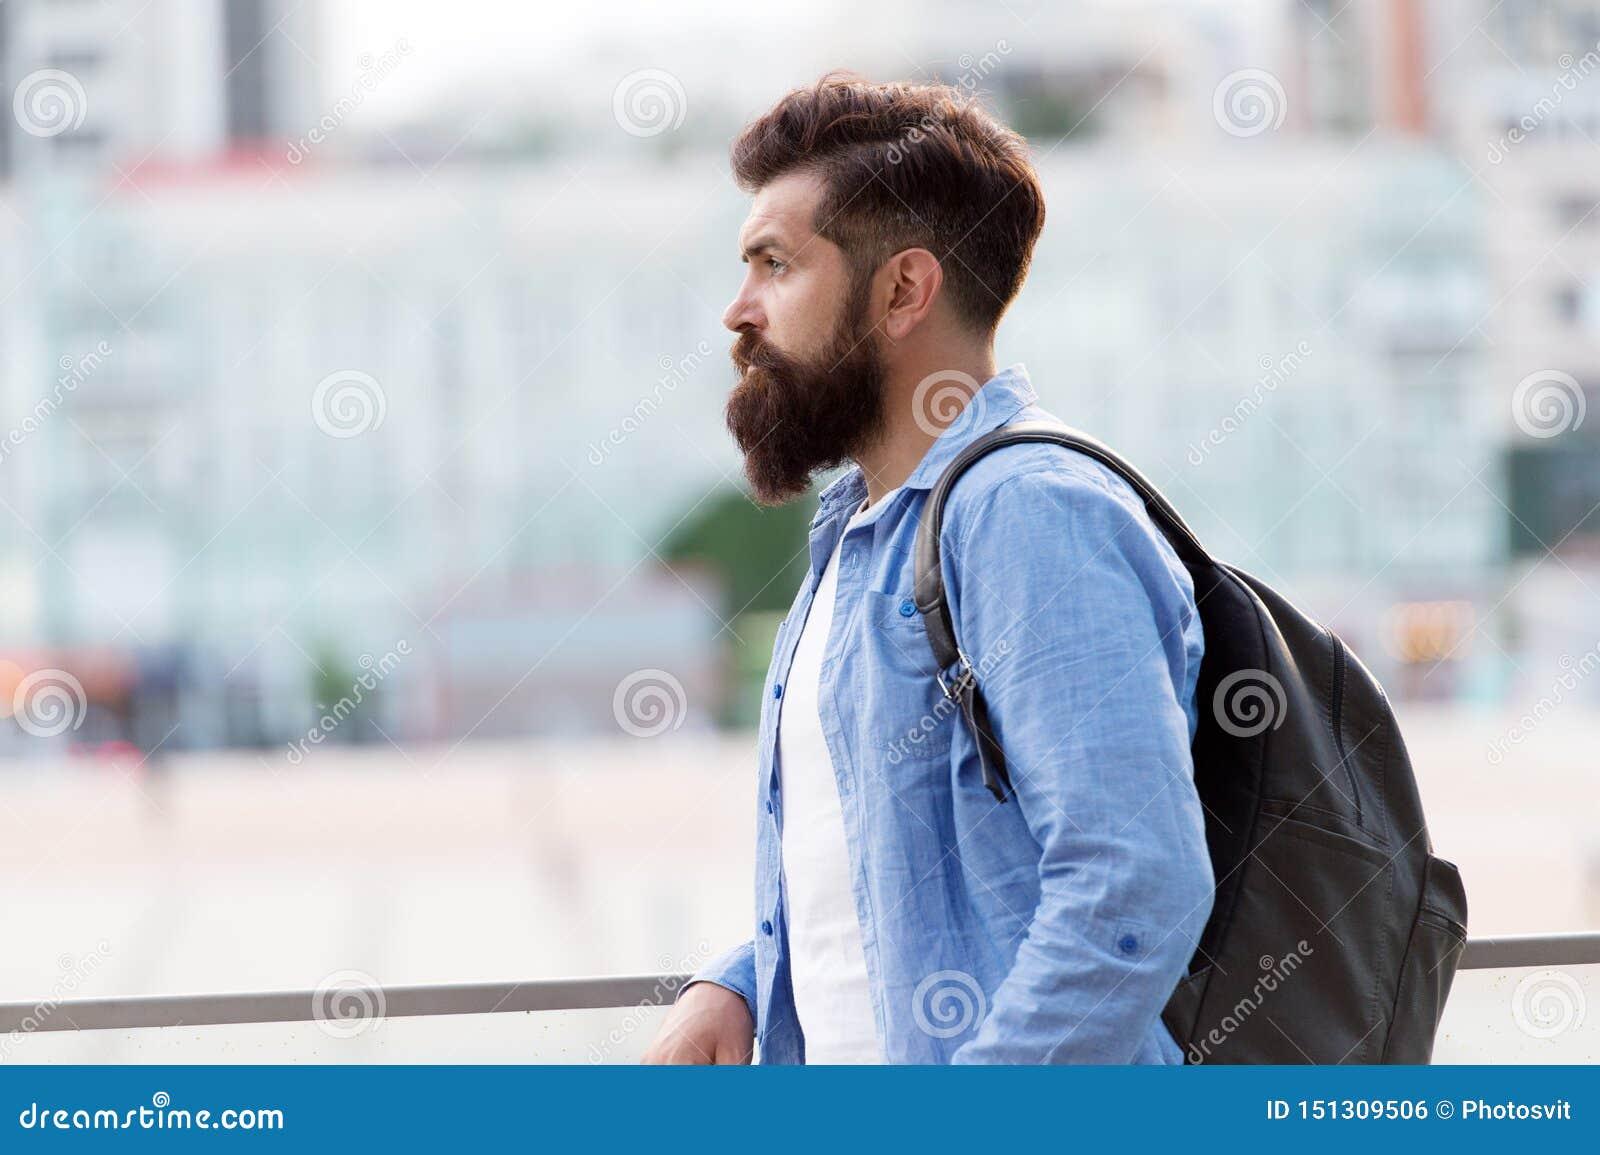 recherche homme barbe cherche femme convertie à l islam pour mariage